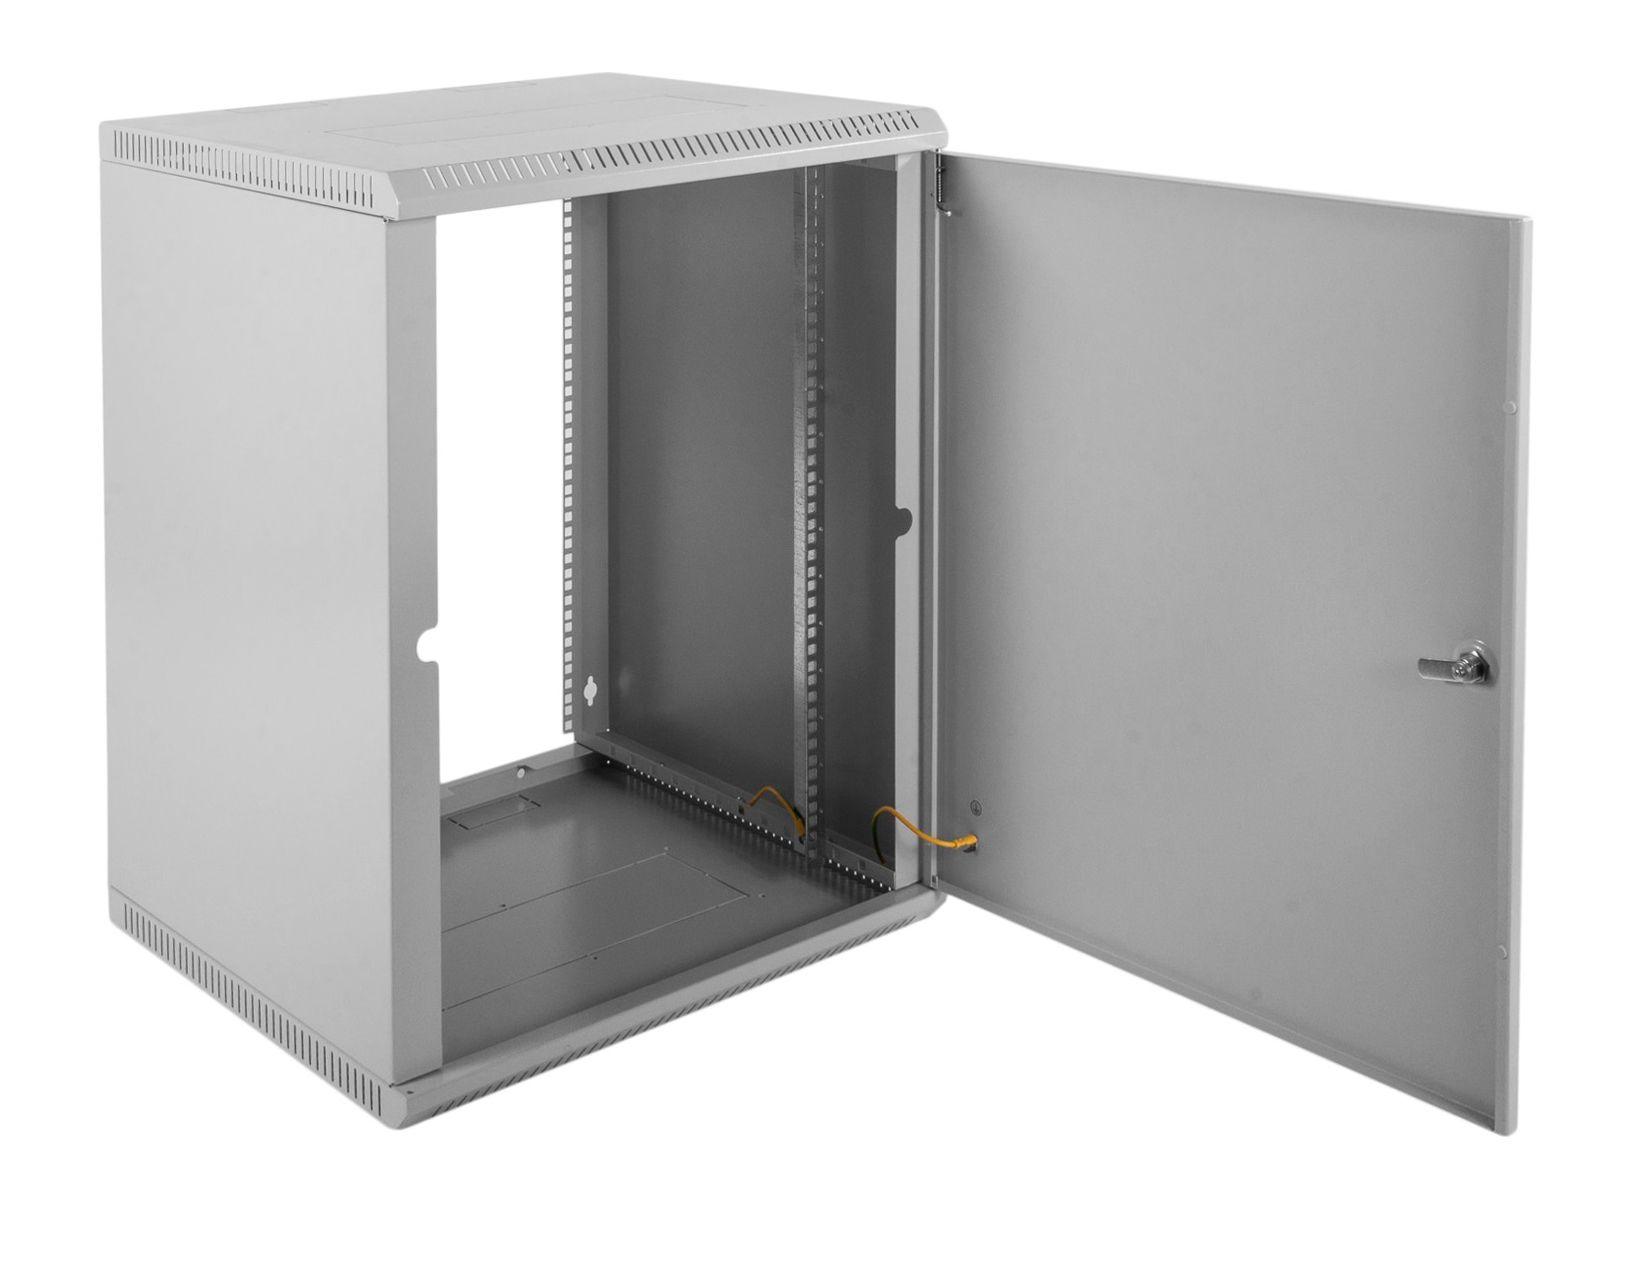 Шкаф ЦМО настенный 18U 600х520 (ШРН-Э-18.500.1)